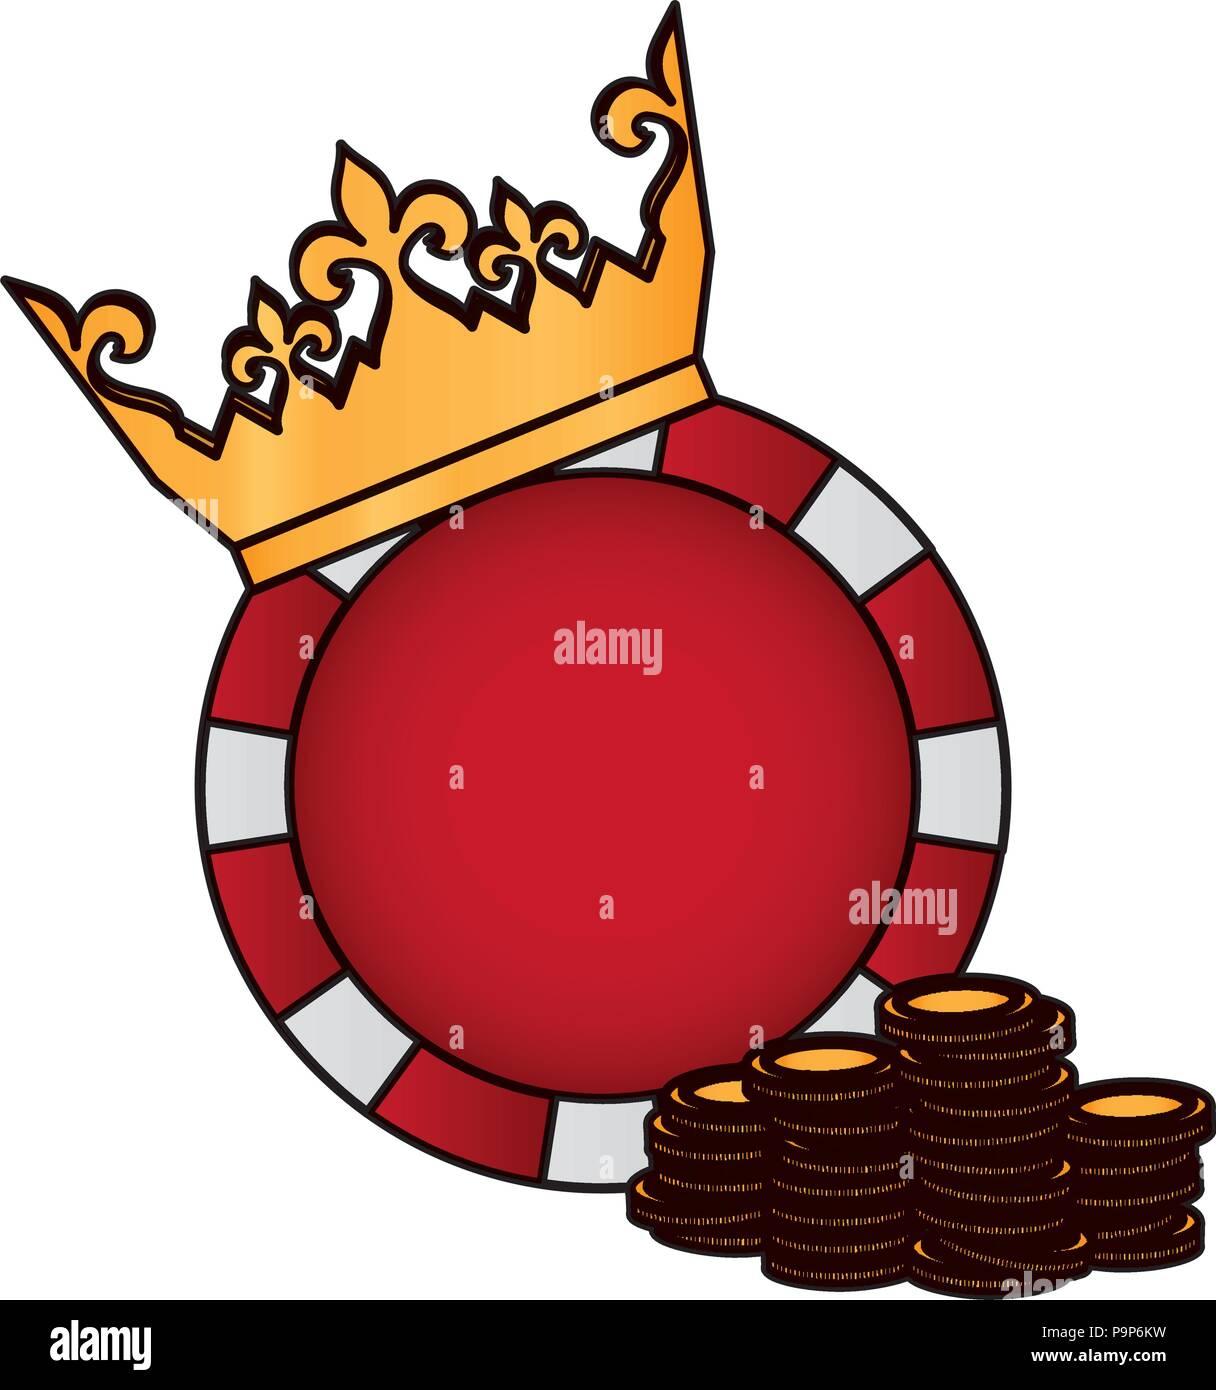 Isleta casino albuqerque nm